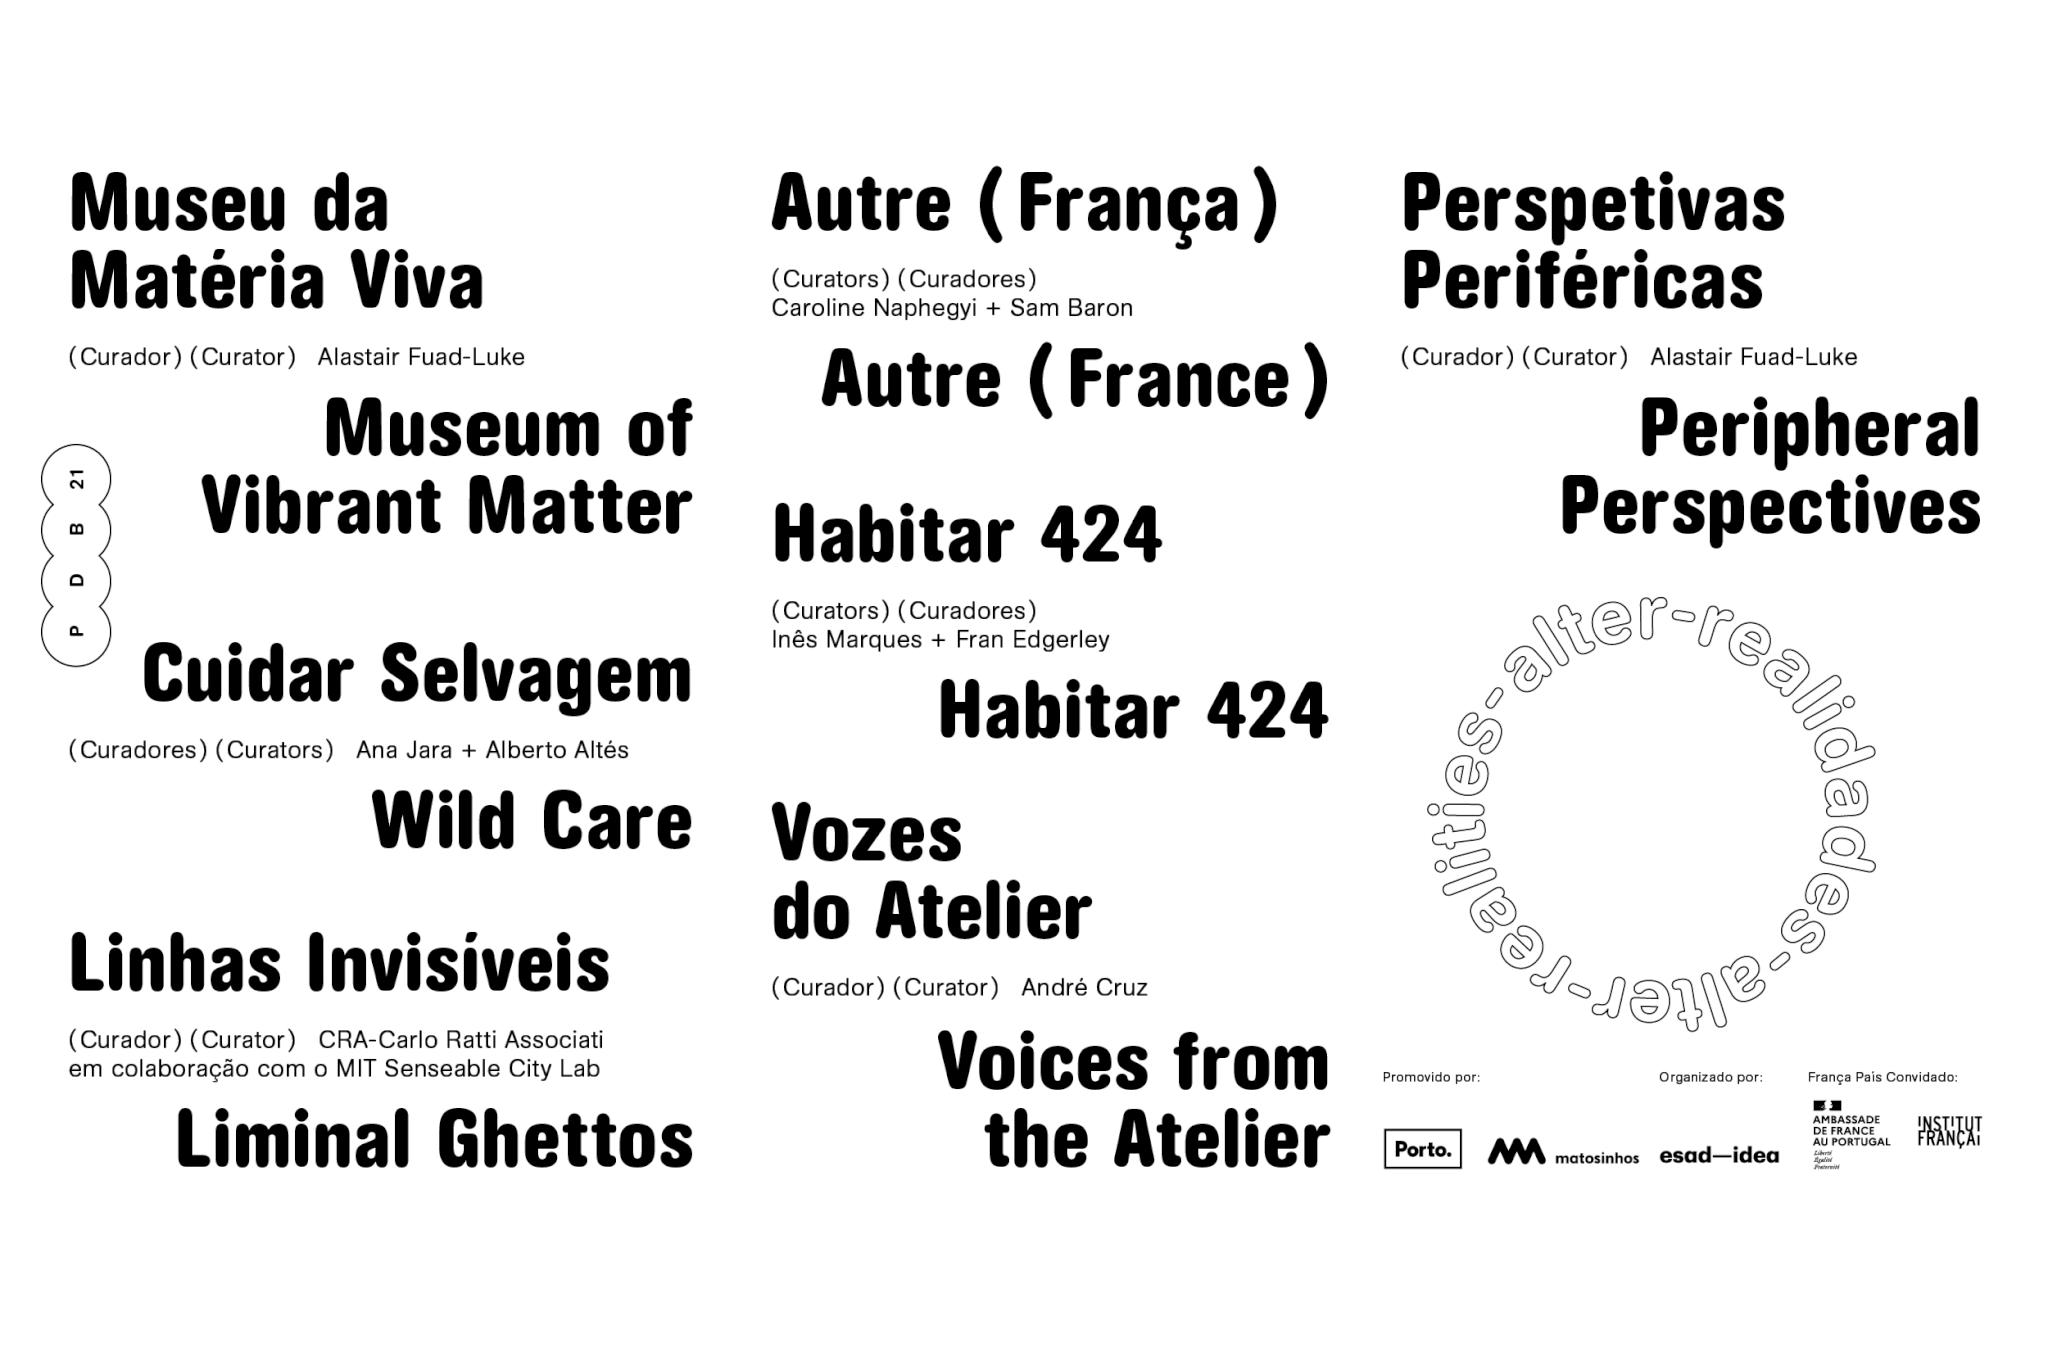 2ª edição Porto Design Biennale 2021